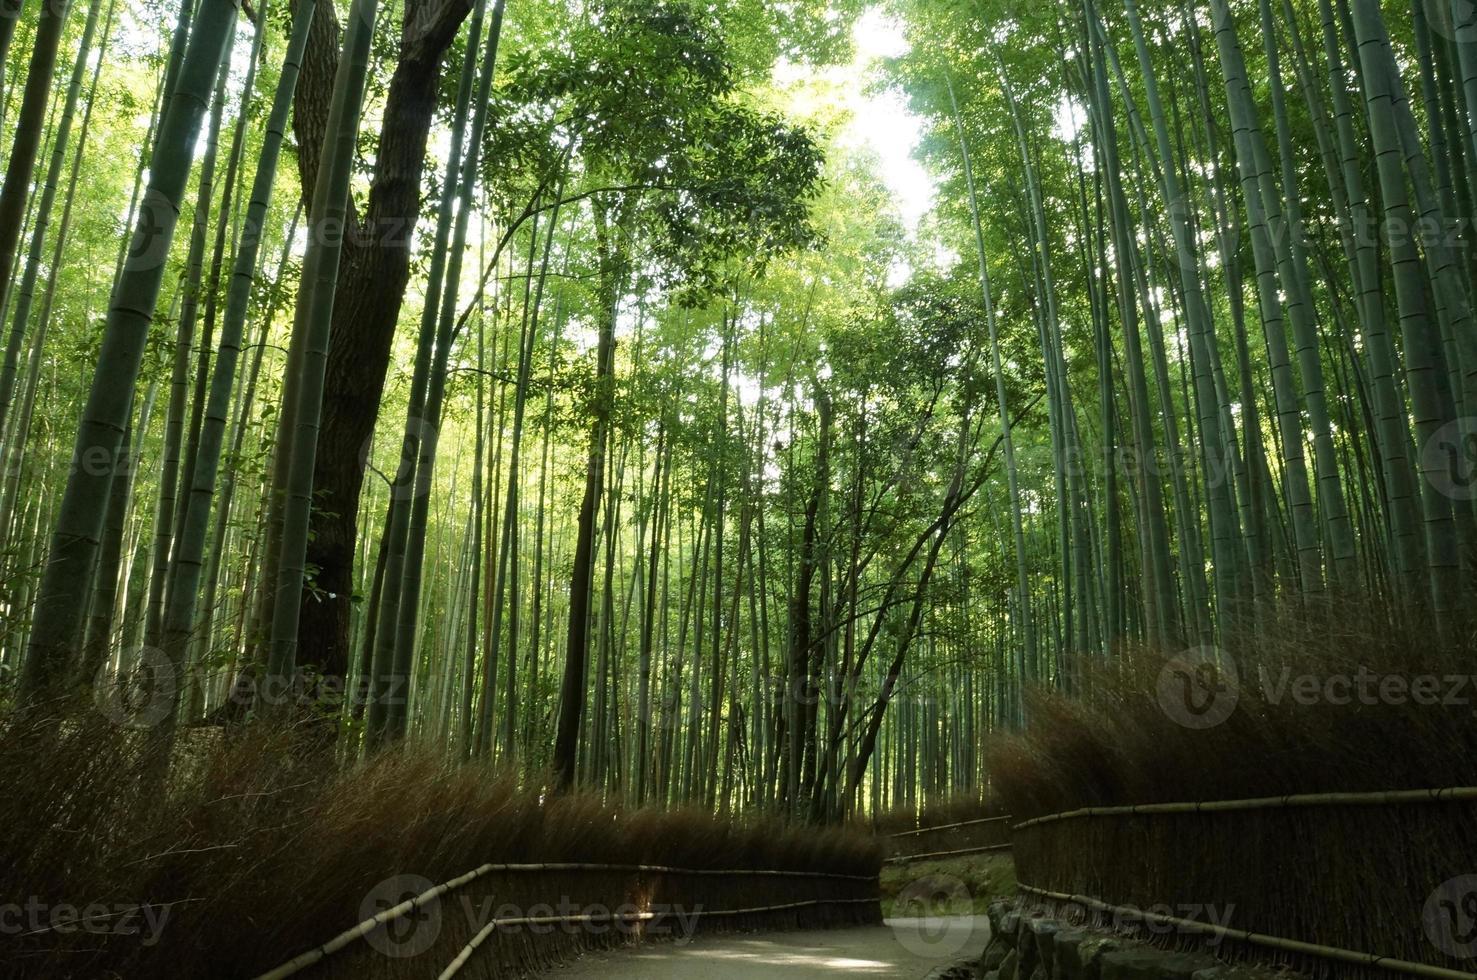 foresta di bambù foto